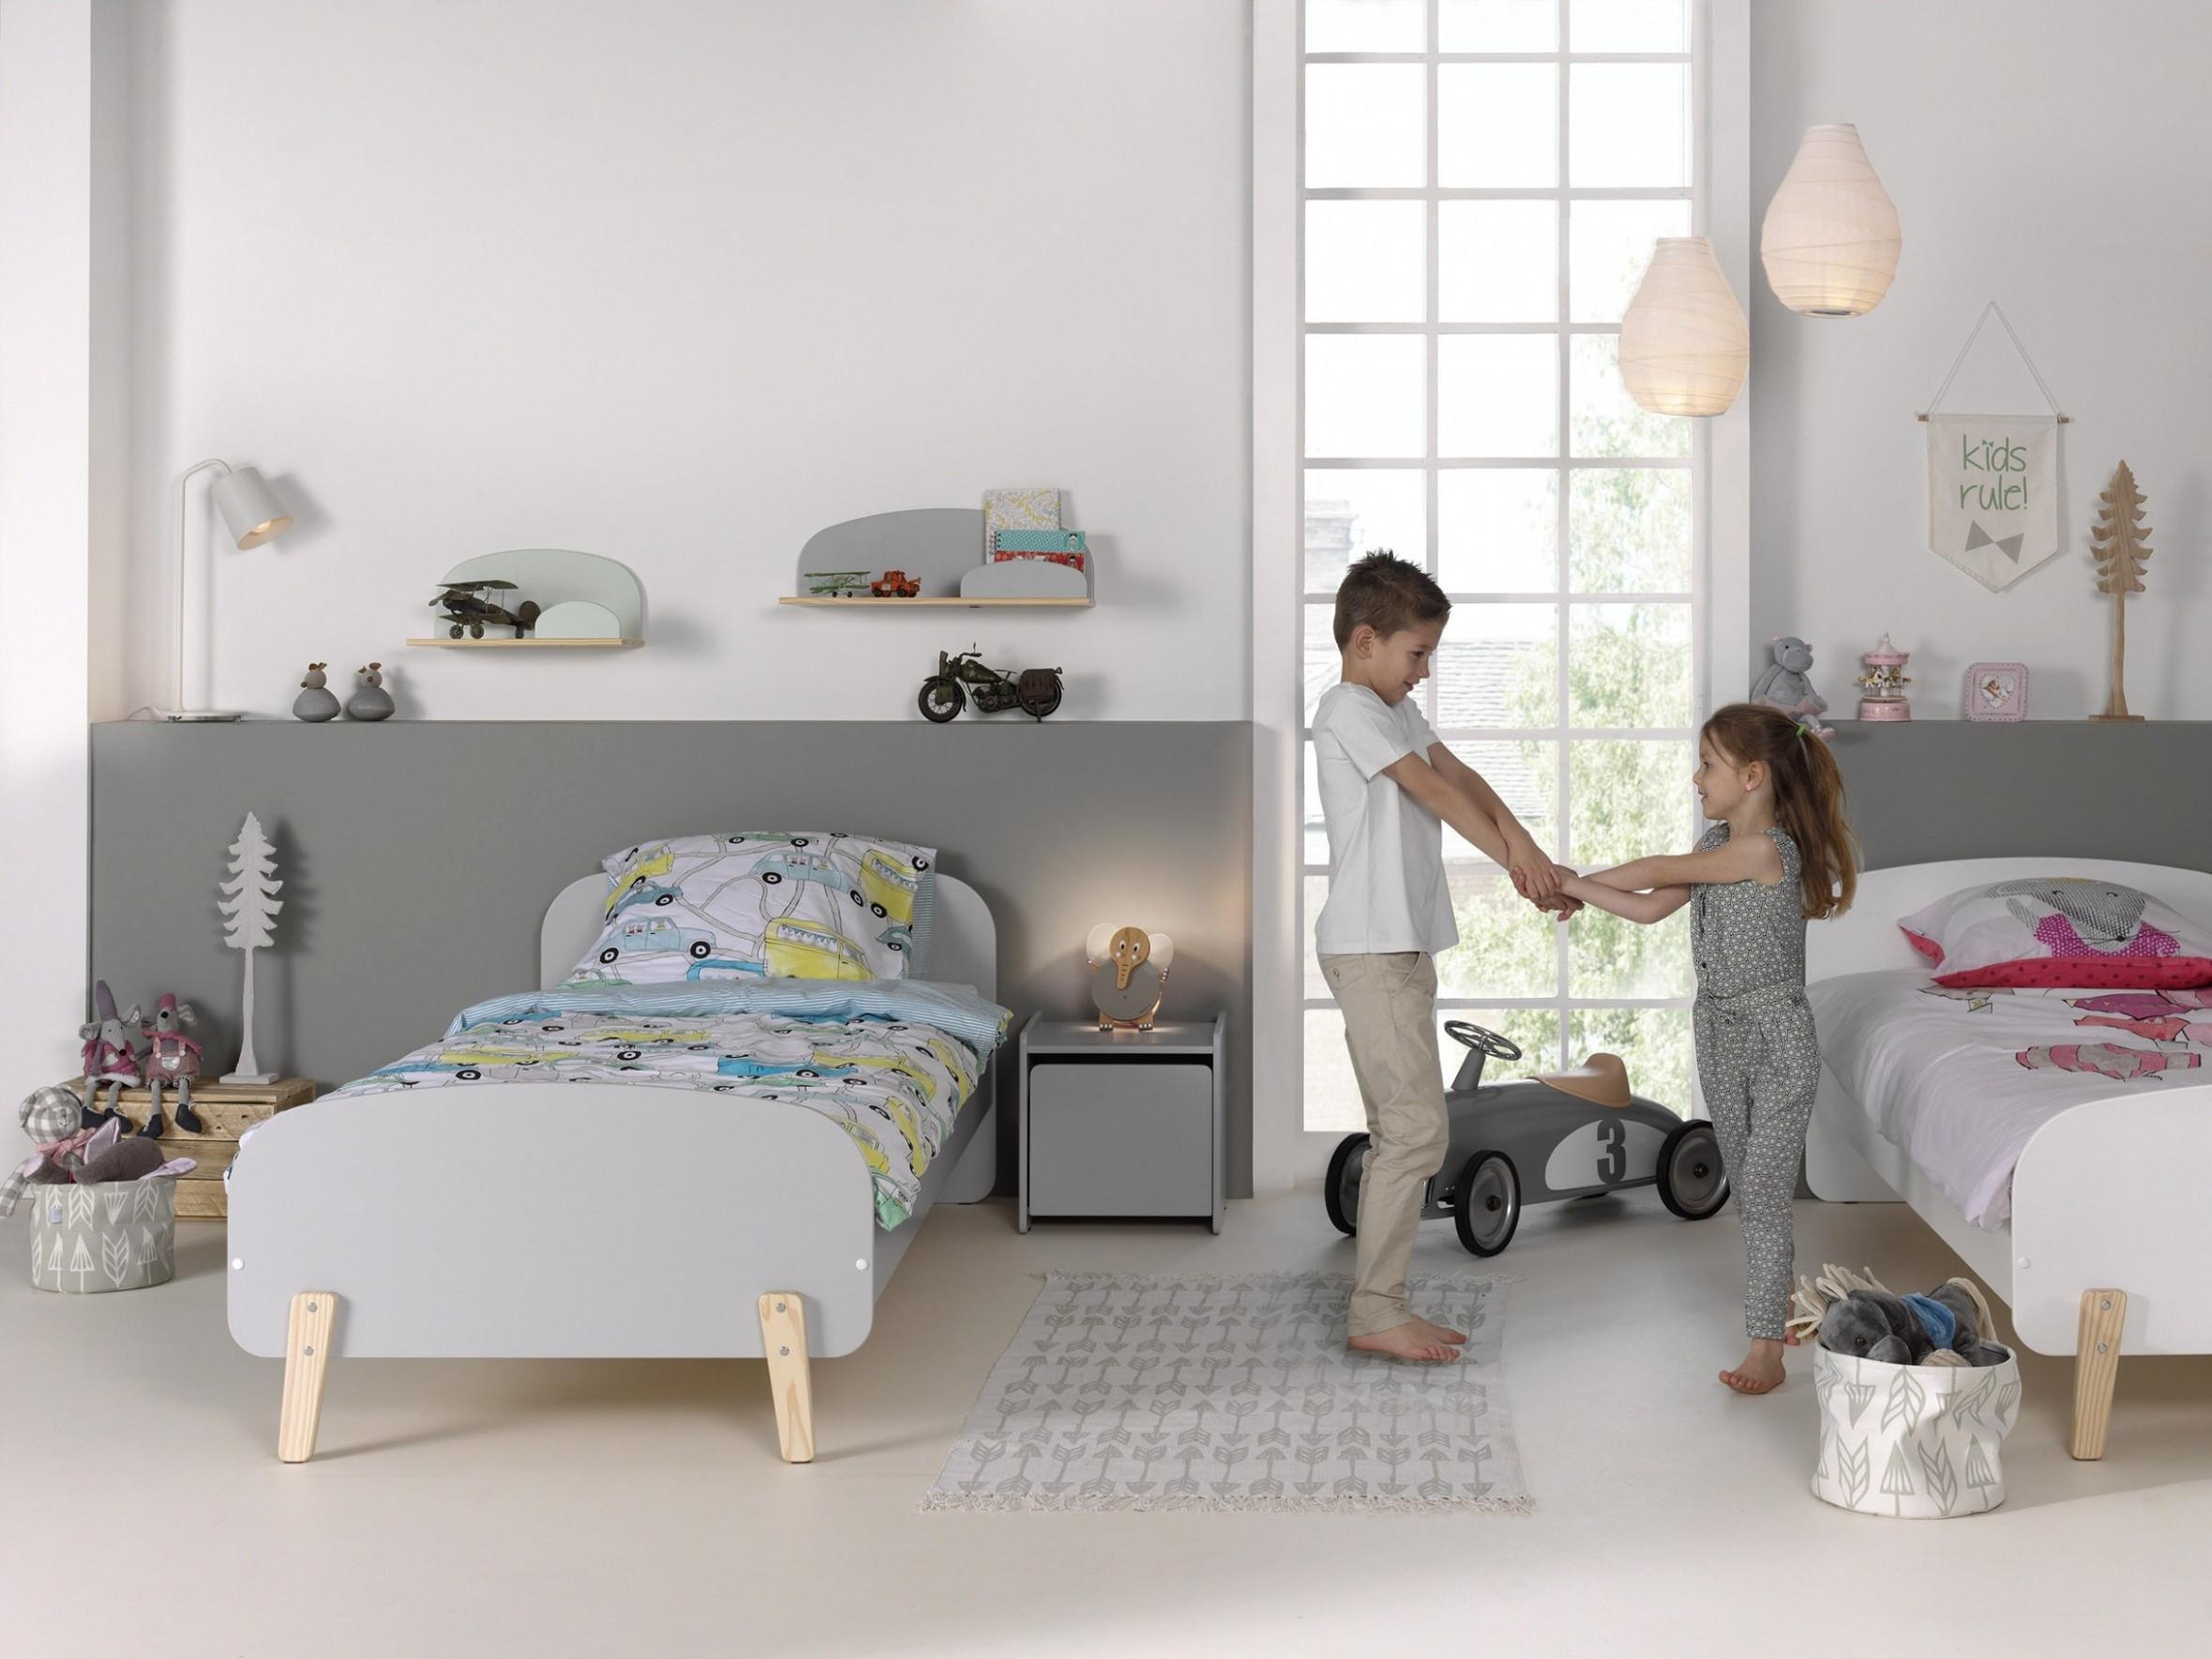 Bett Für Jungs  Bett Für Jungs Unique Perfekt Haus Möbel Coole Betten Für